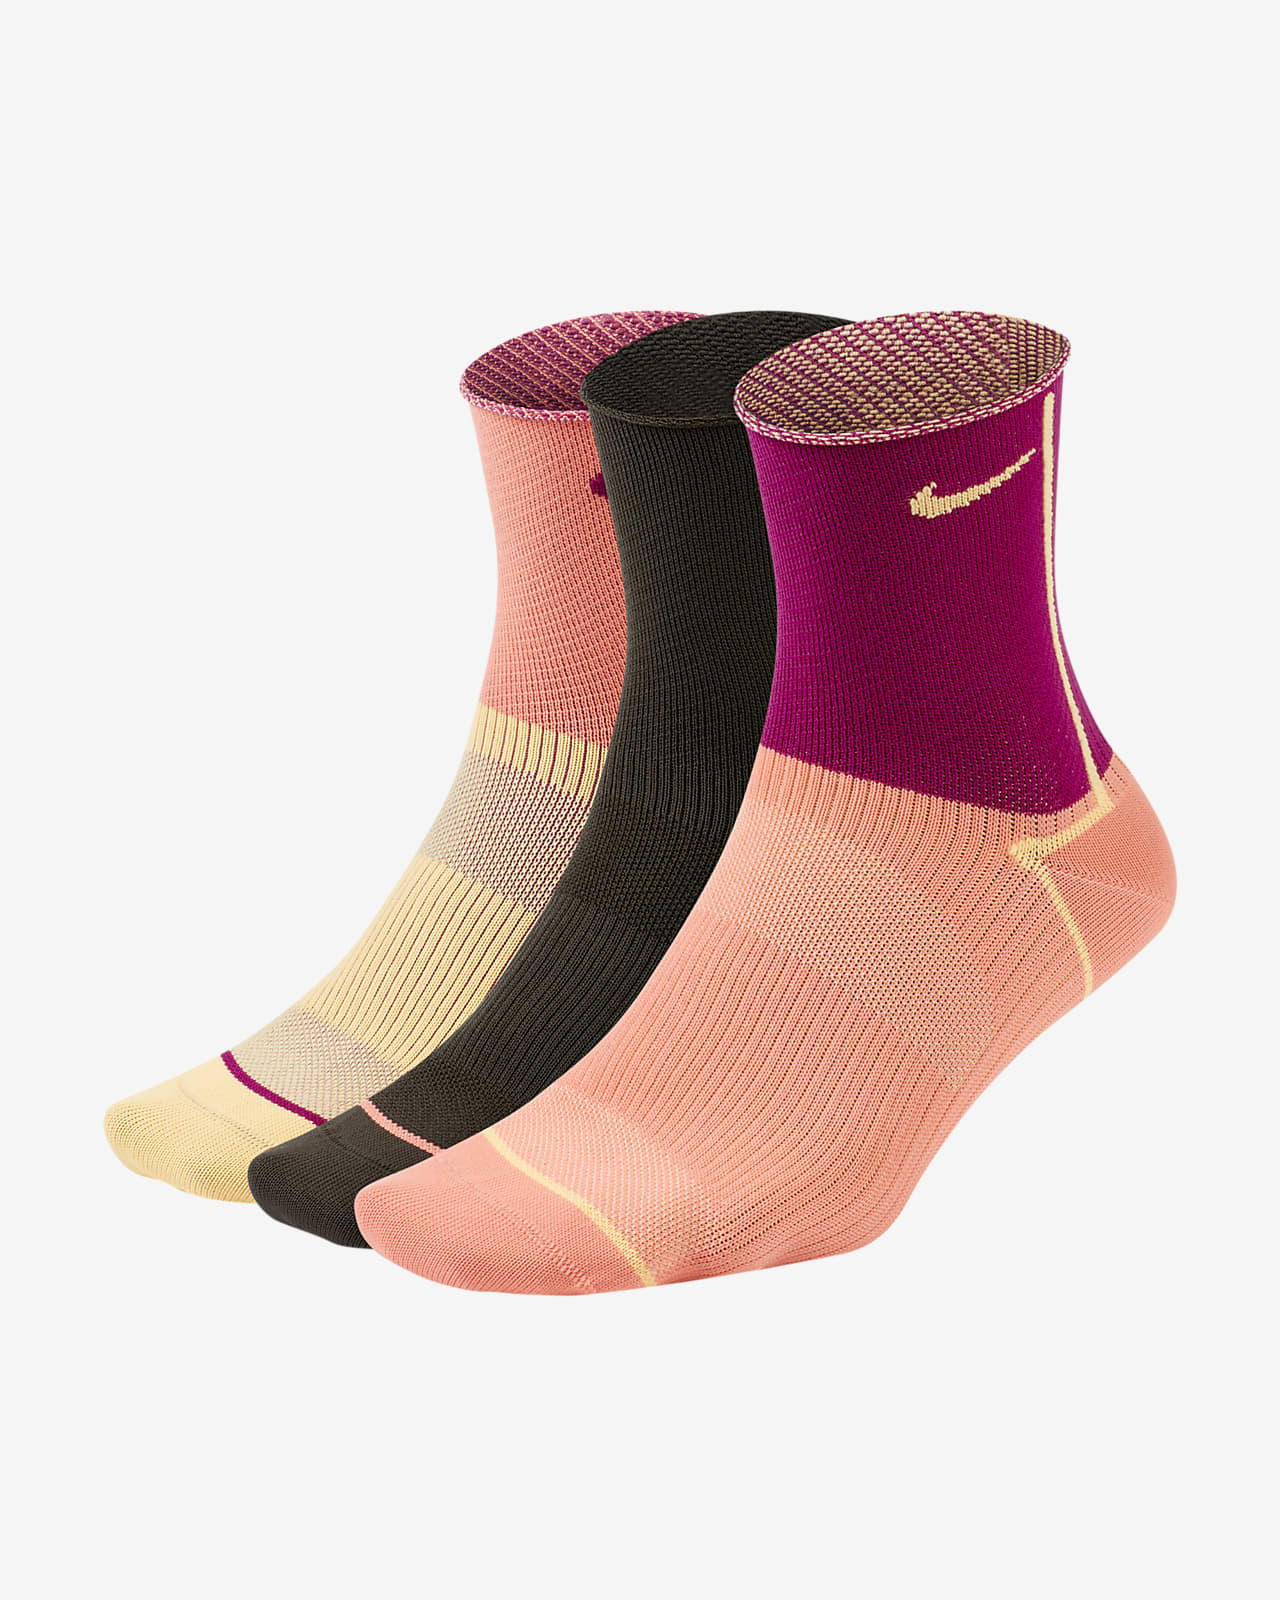 Chaussettes de training Nike Everyday Plus Lightweight pour Femme (3 paires)